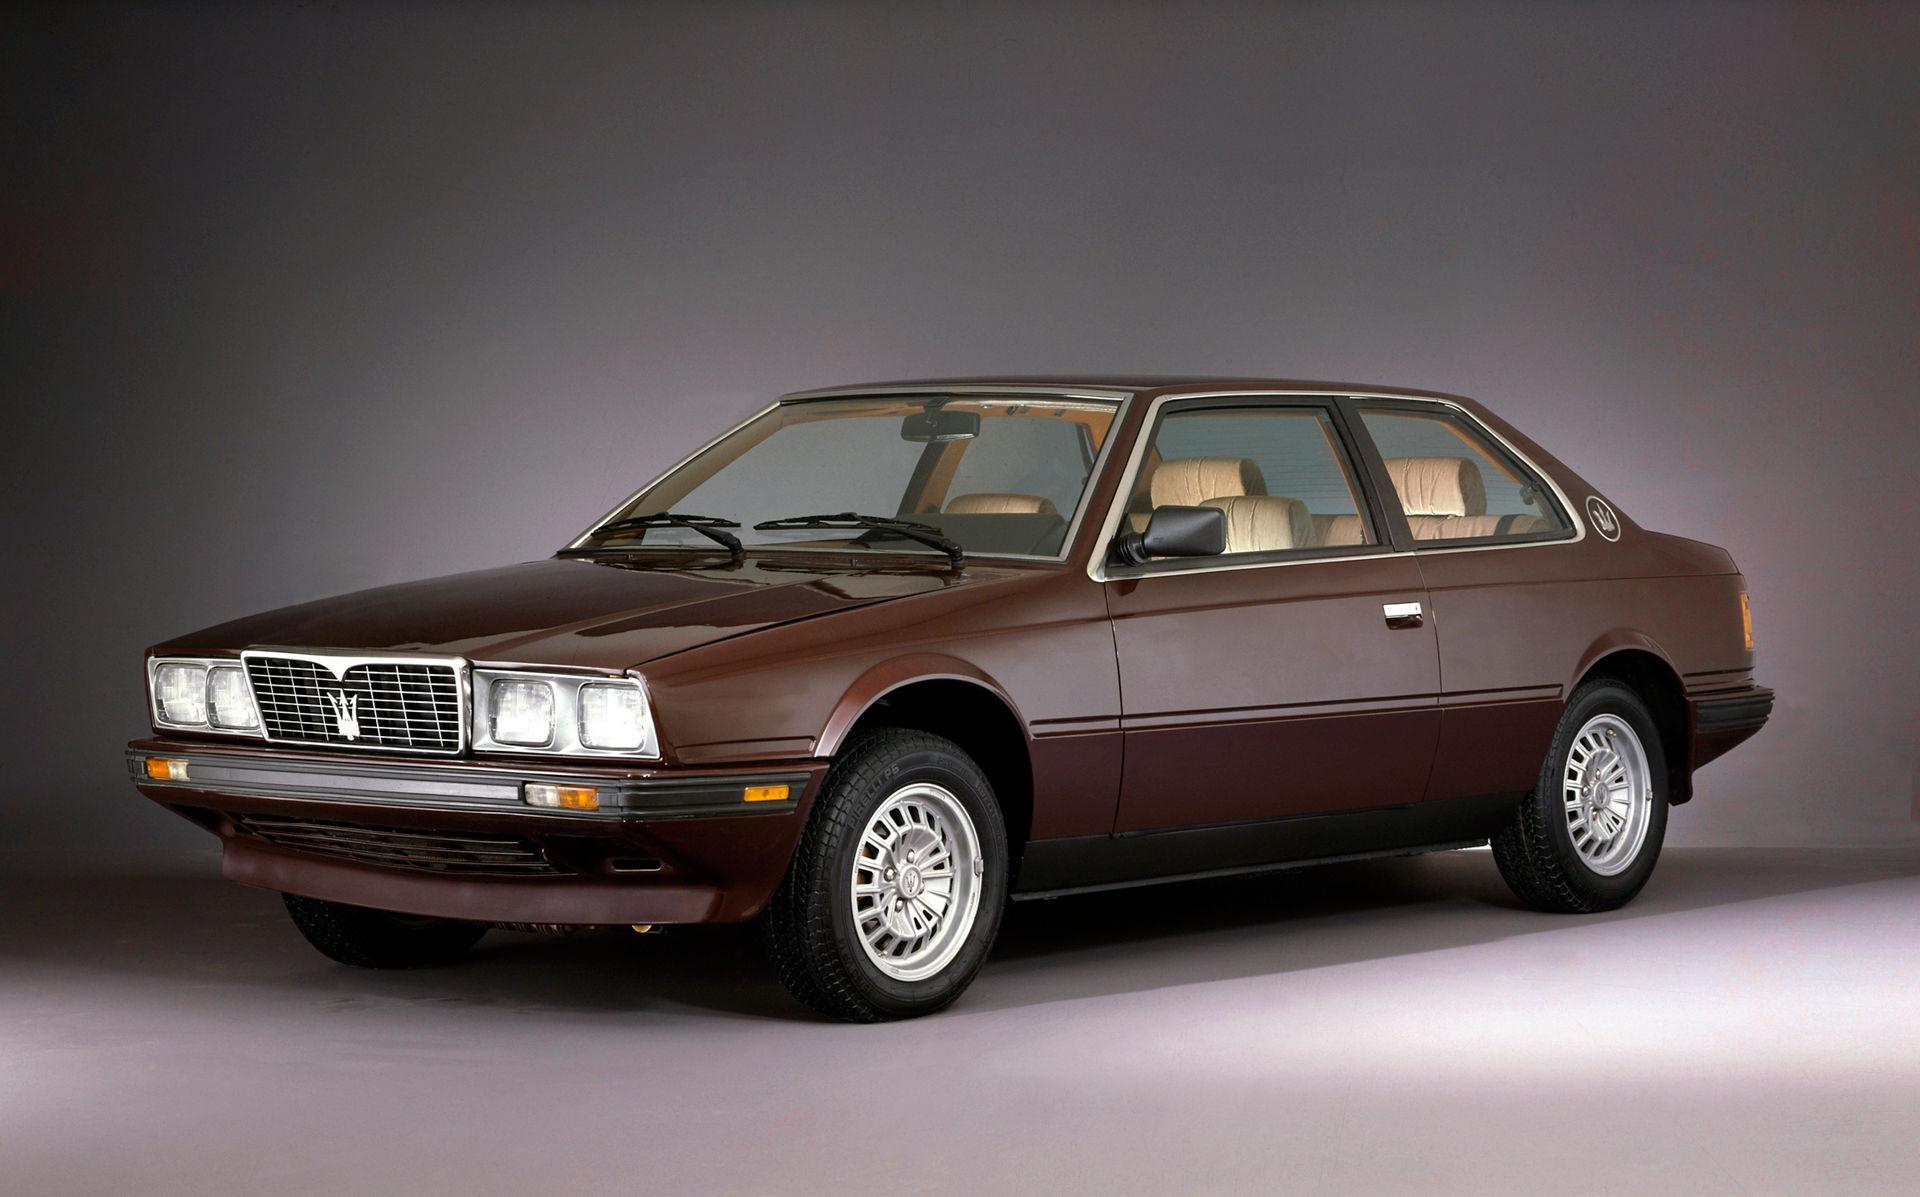 Carspillar – Maserati Biturbo, la prima auto di serie con due turbocompressori